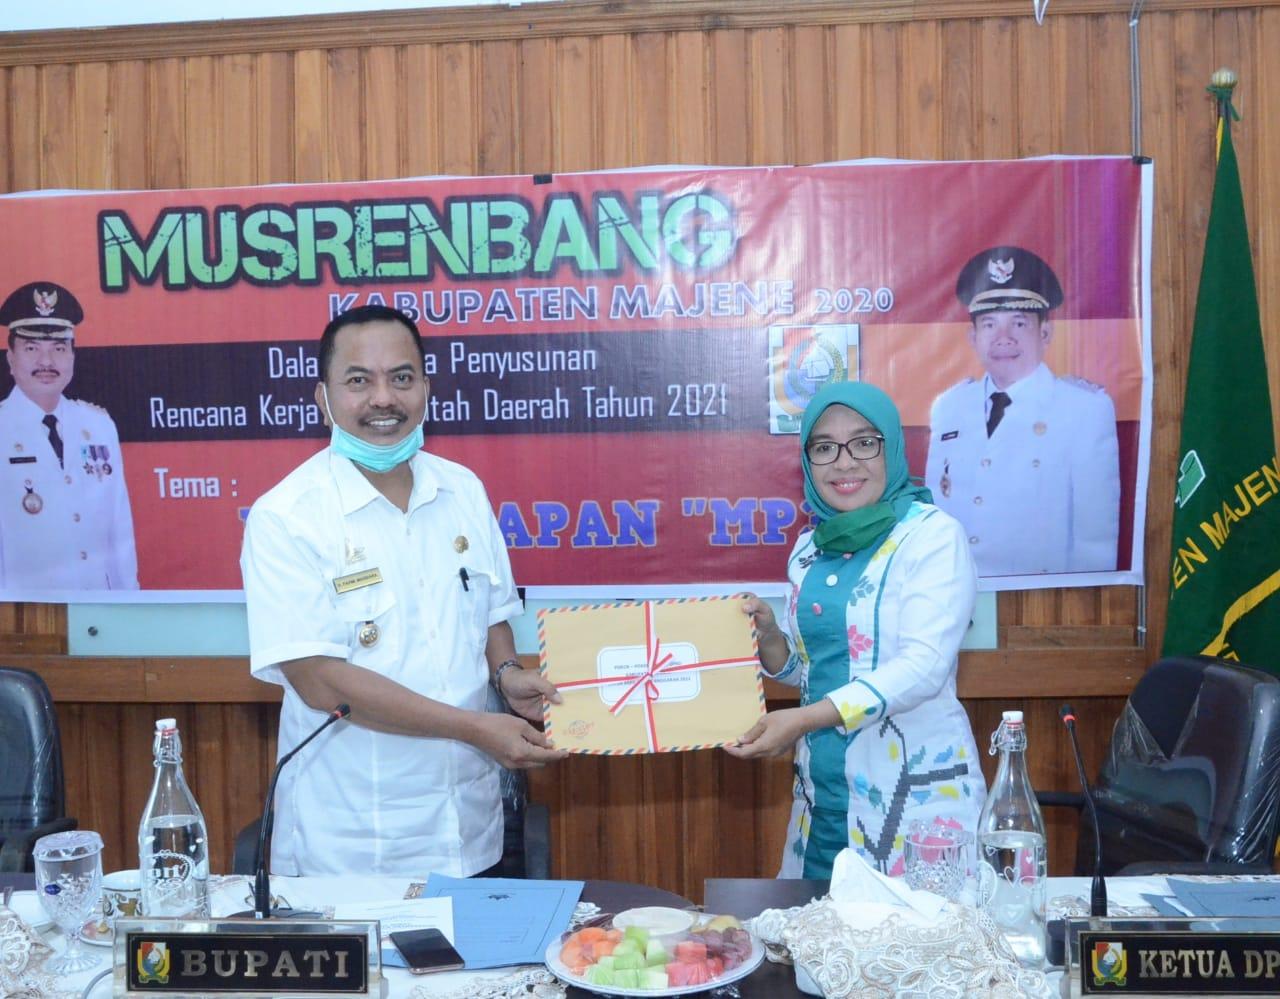 Gambar Musrenbang Kabupaten Majene 2020 Dilakukan Secara Online